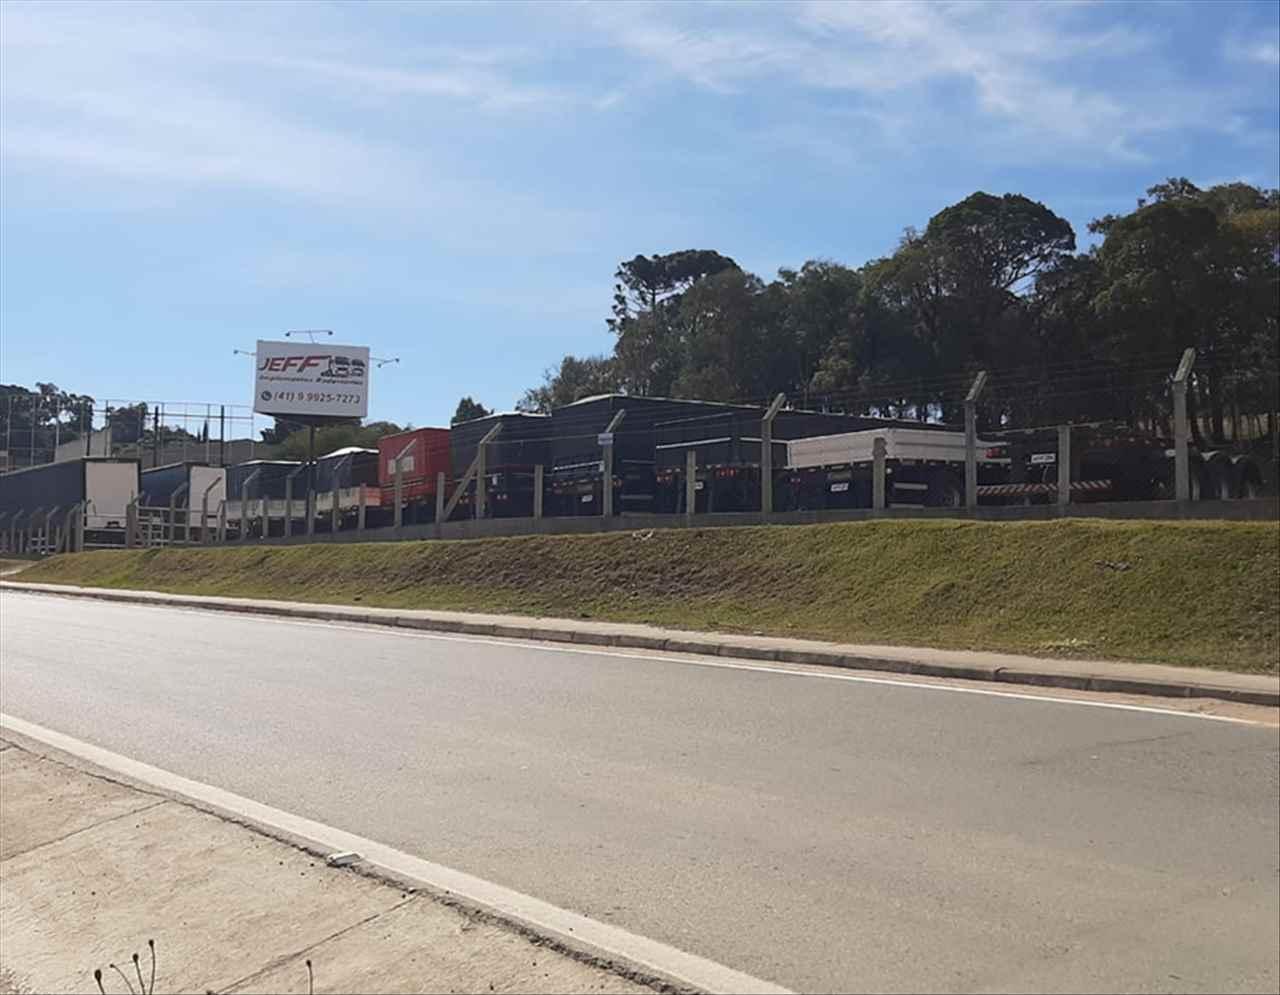 Foto da Loja da JEFF Seminovos - Caminhões e Carretas